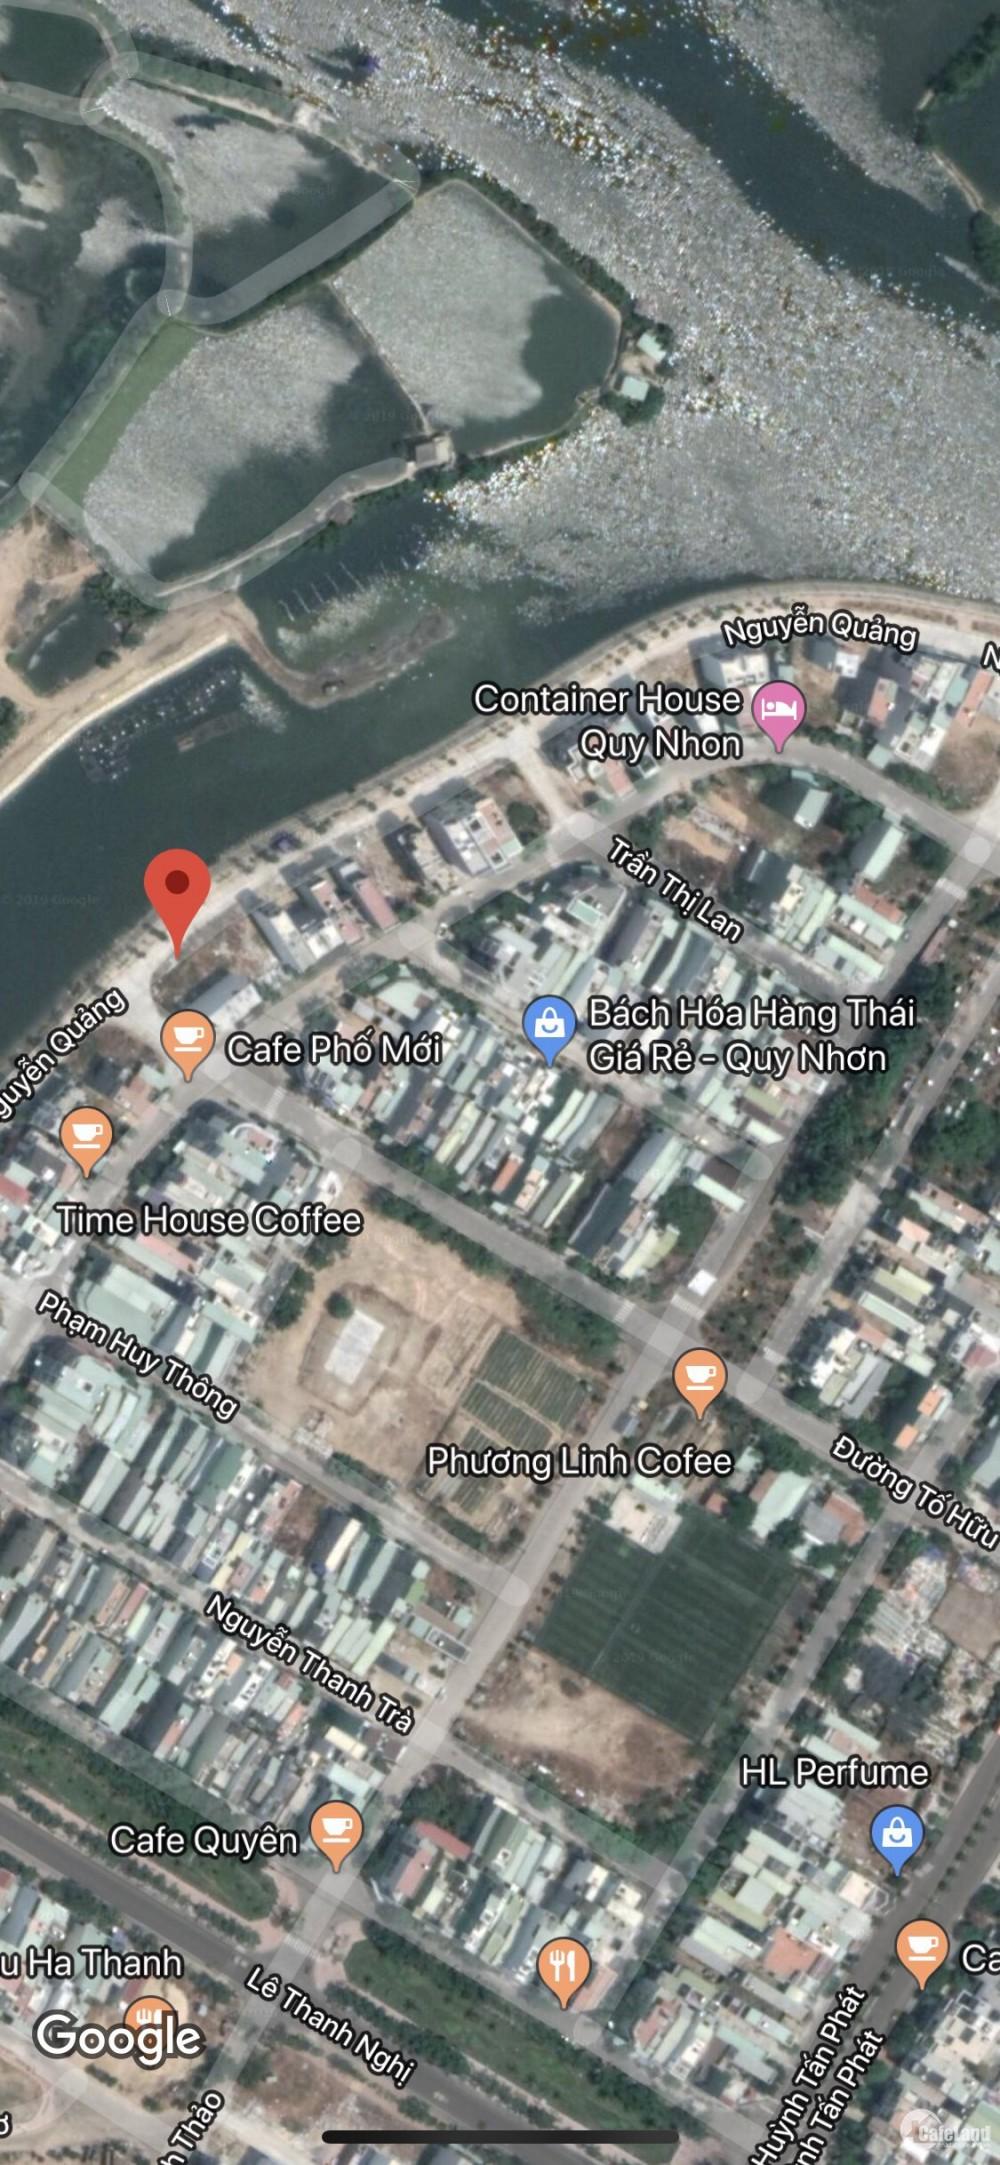 Chính chủ cần bán lô đất  2 mặt tiền Tố Hữu, Bình Định.